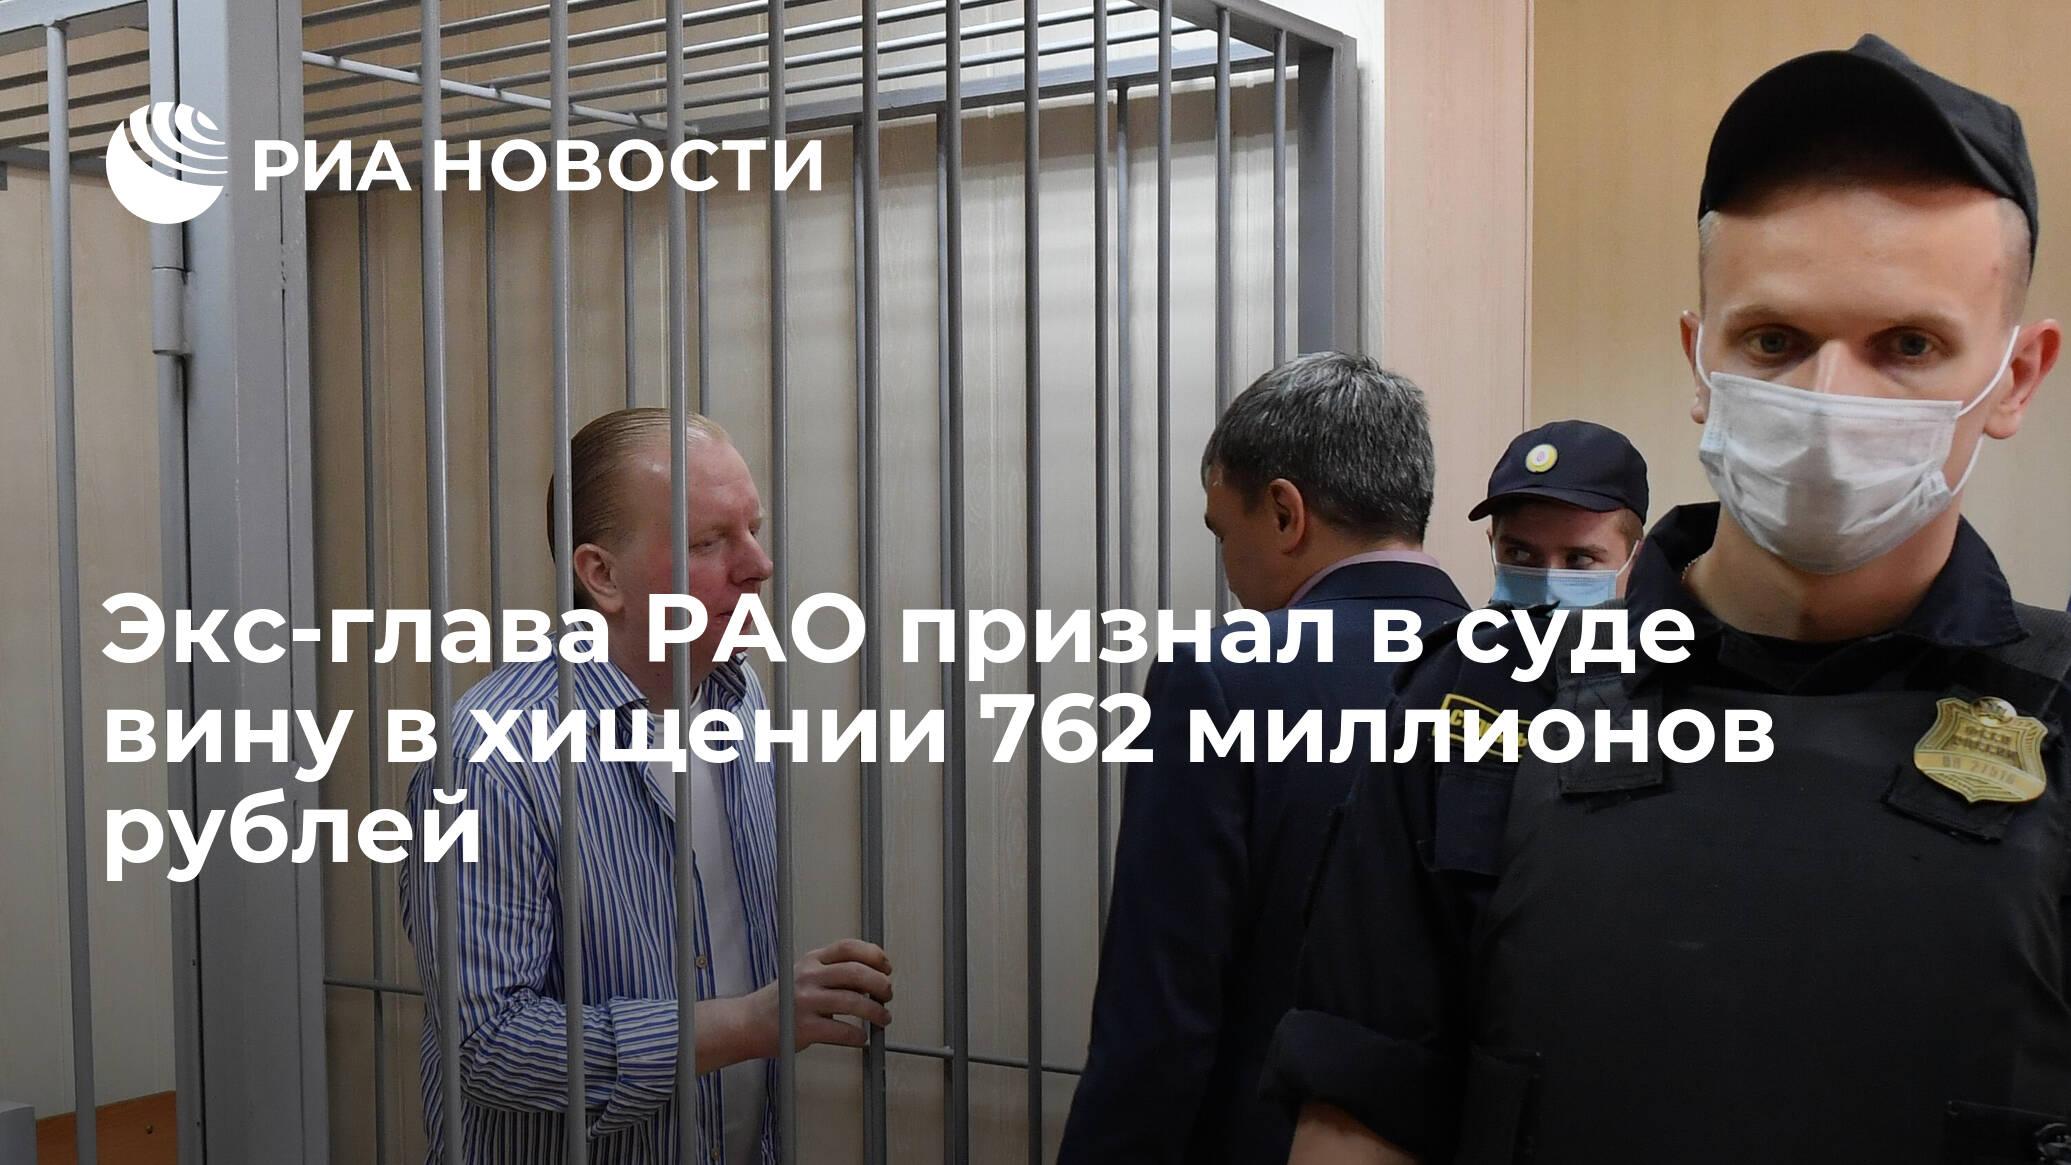 Экс-глава РАО признал в суде вину в хищении 762 миллионов рублей